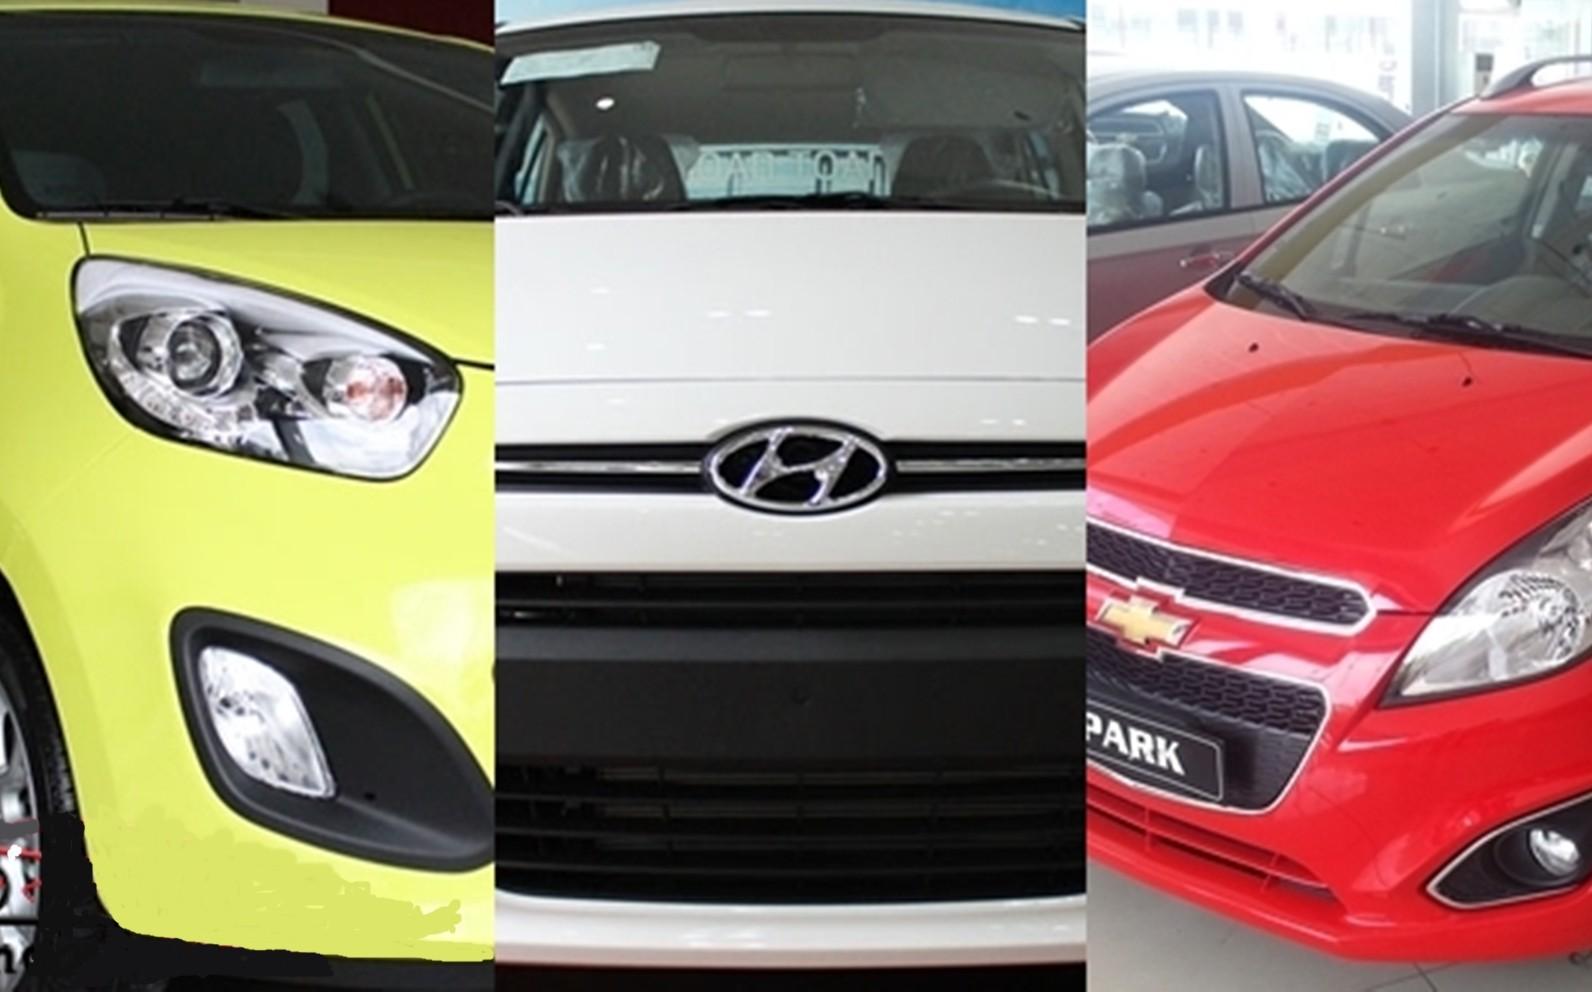 So sánh KIA Morning, Chevrolet Spark, Hyundai i10: Nhỏ gọn, tiết kiệm và phù hợp với thành thị